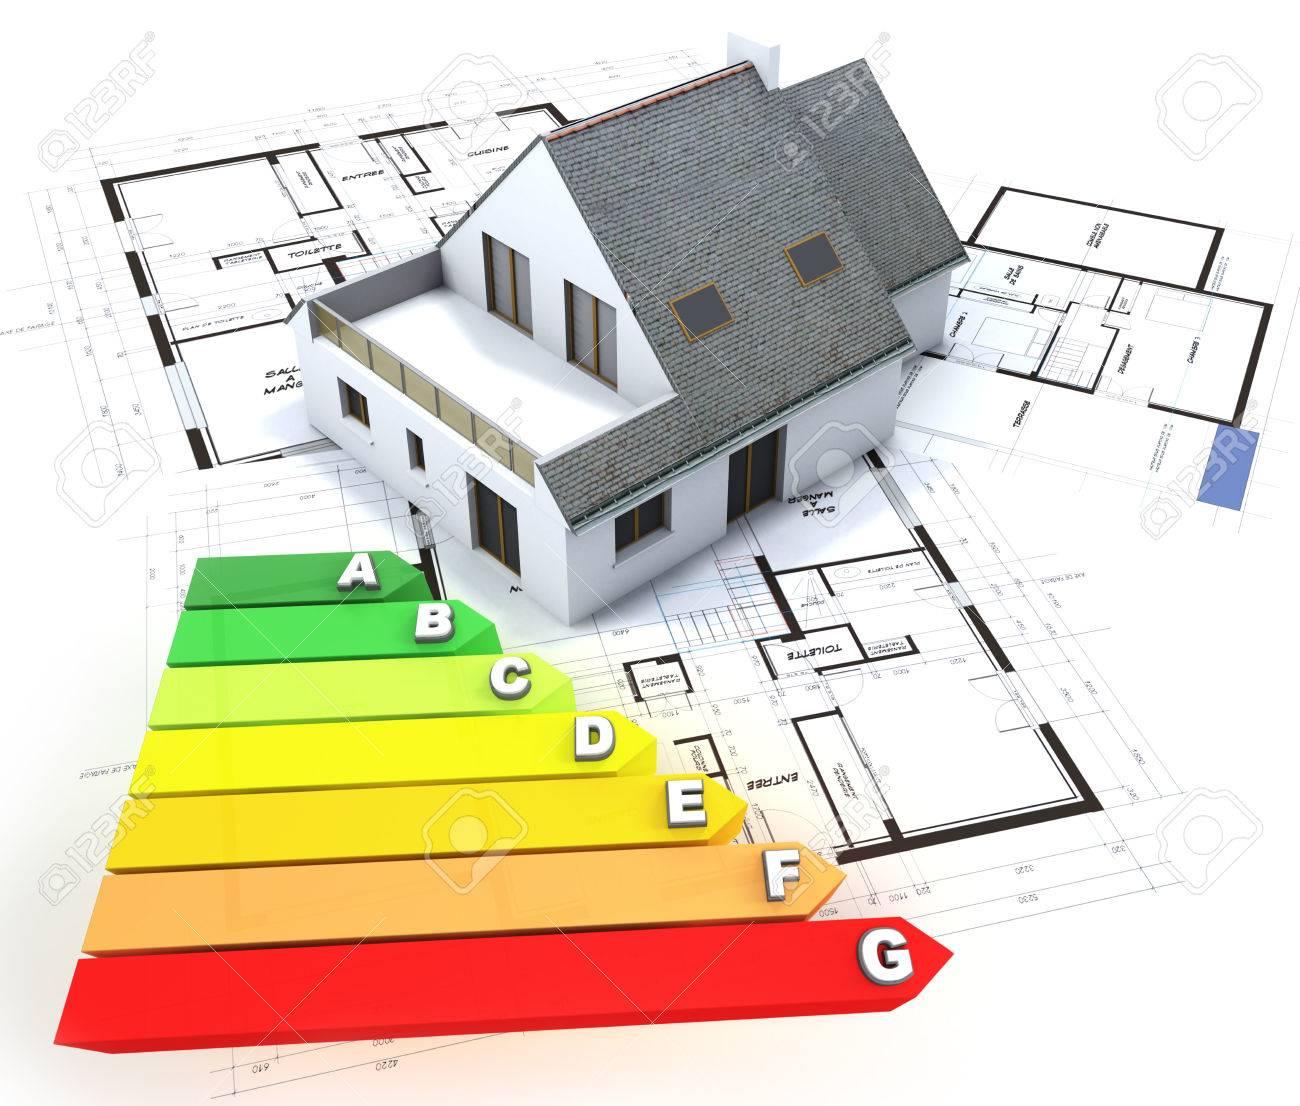 Rendu 3d D Une Maison Au Dessus De Plans Avec Une Cote D Efficacite Energetique Tableau Banque D Images Et Photos Libres De Droits Image 41411233